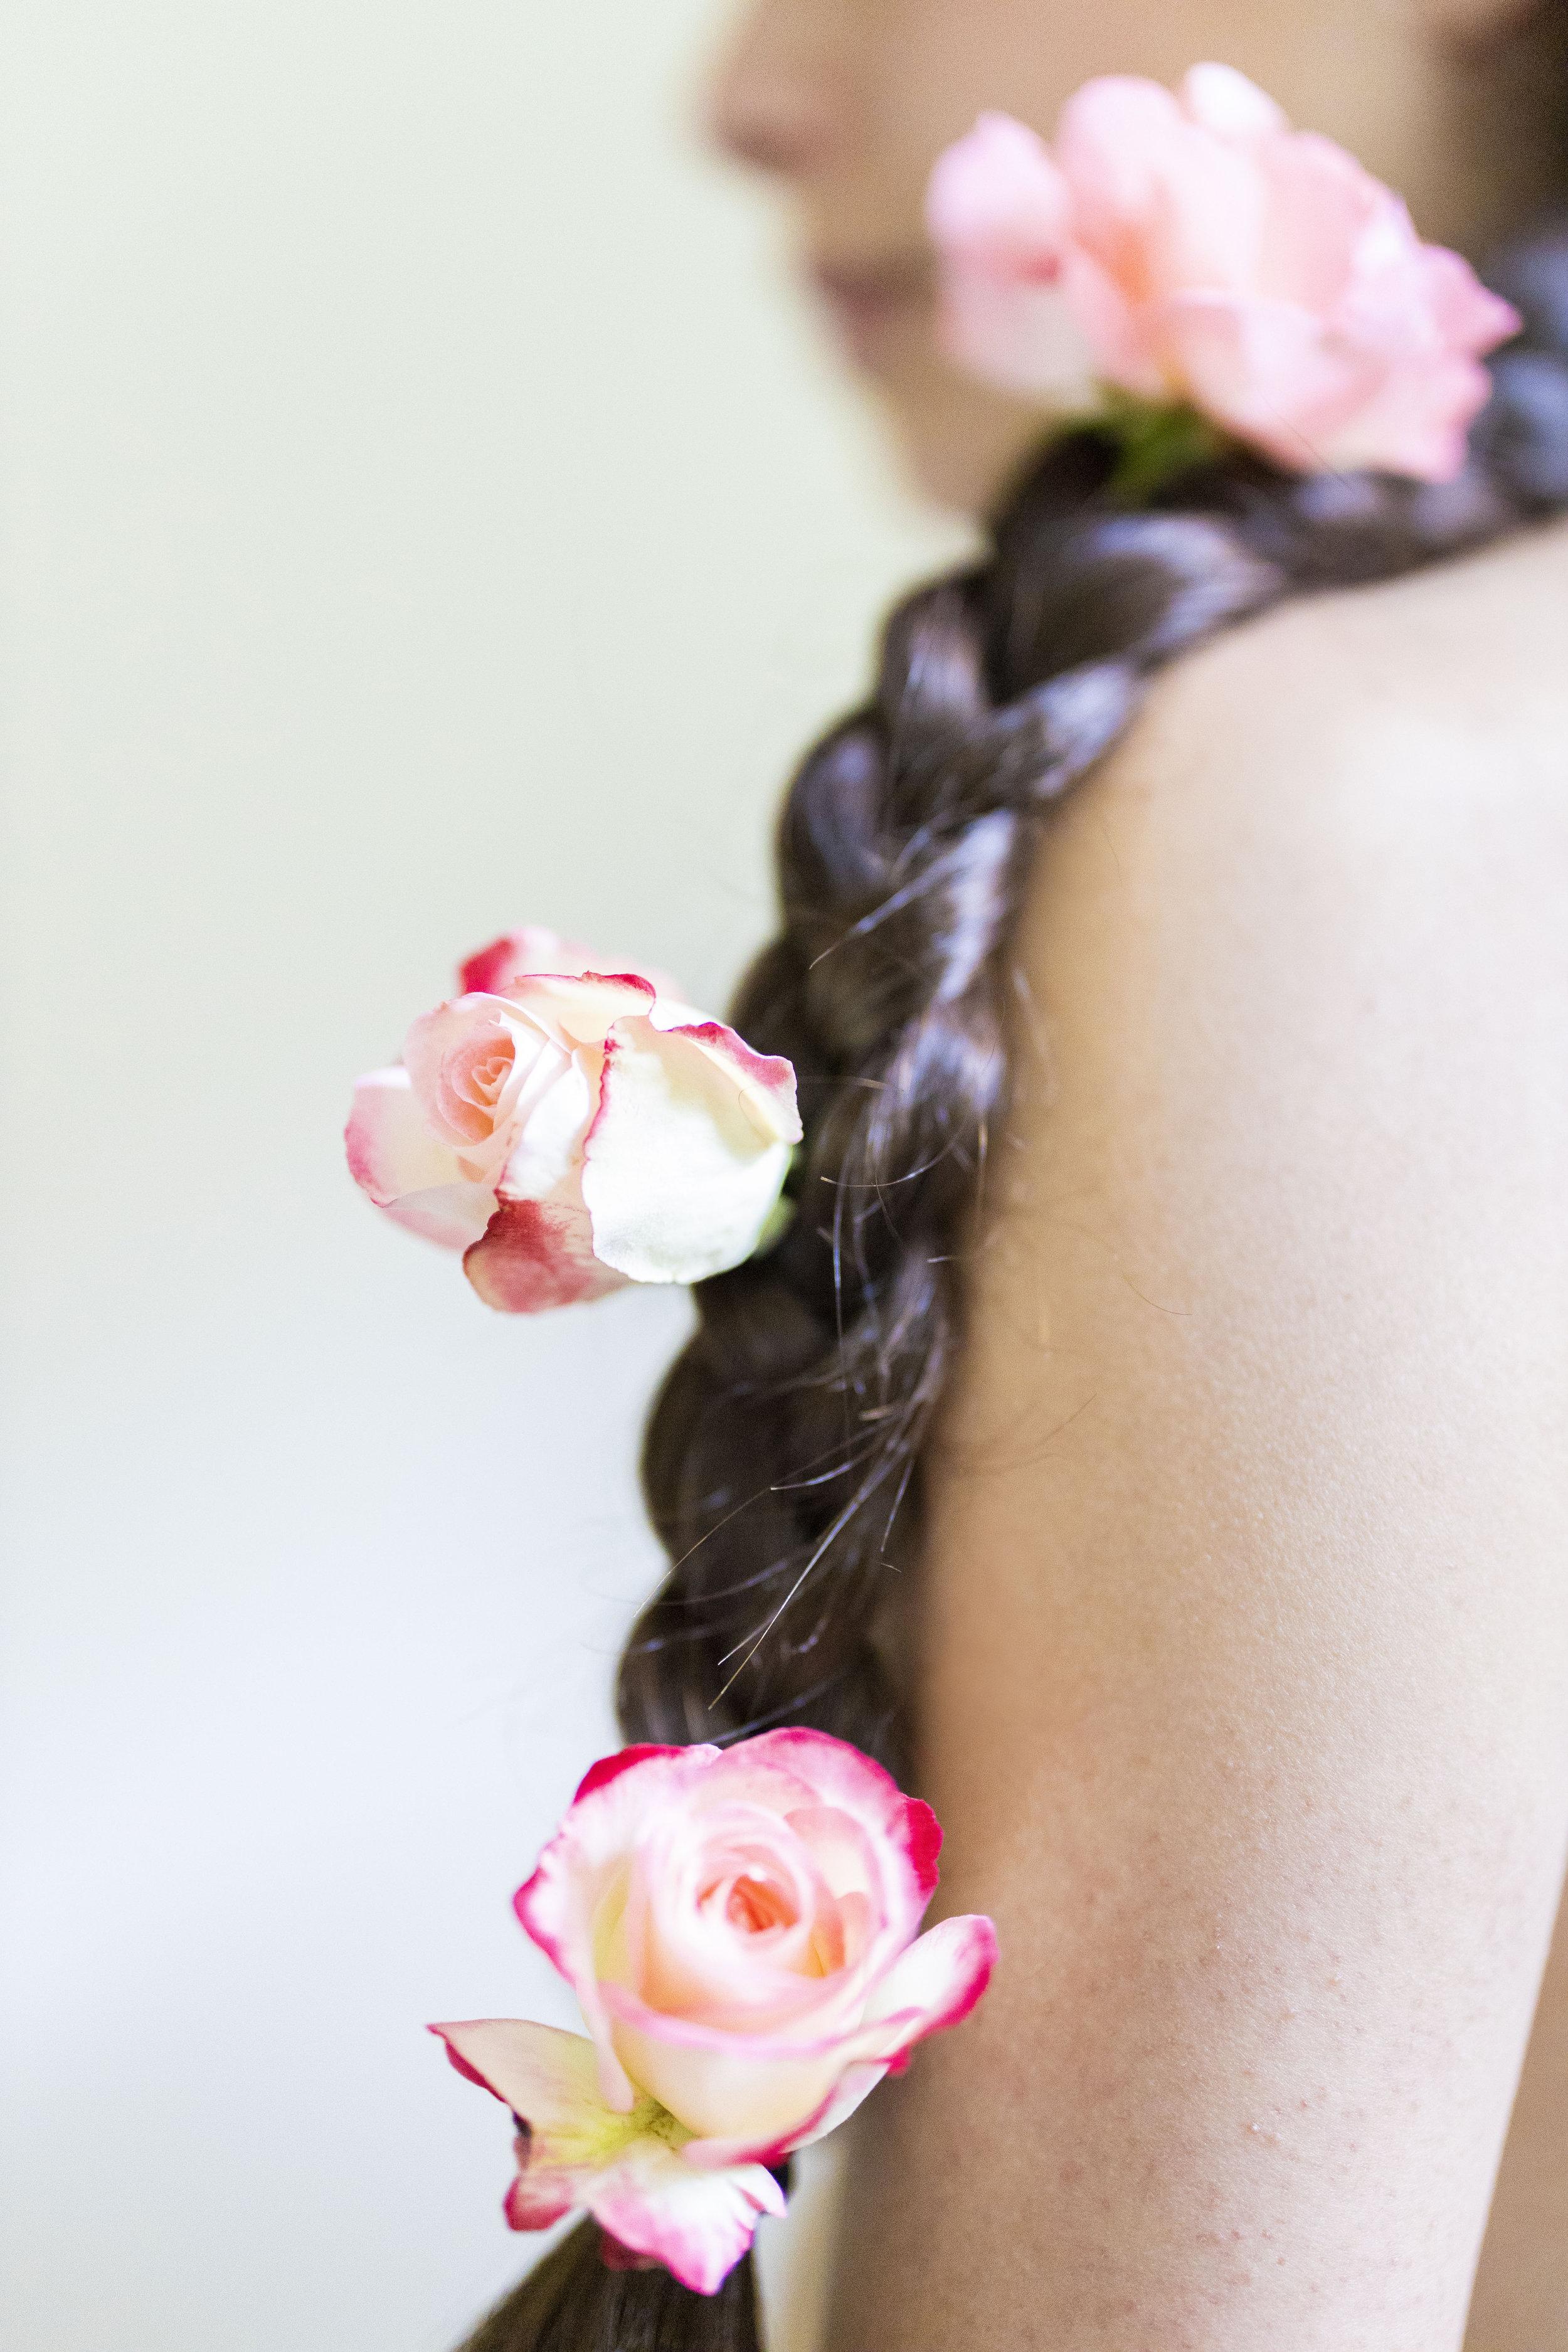 Floral Portland Portraits Sofia Angelina Photography